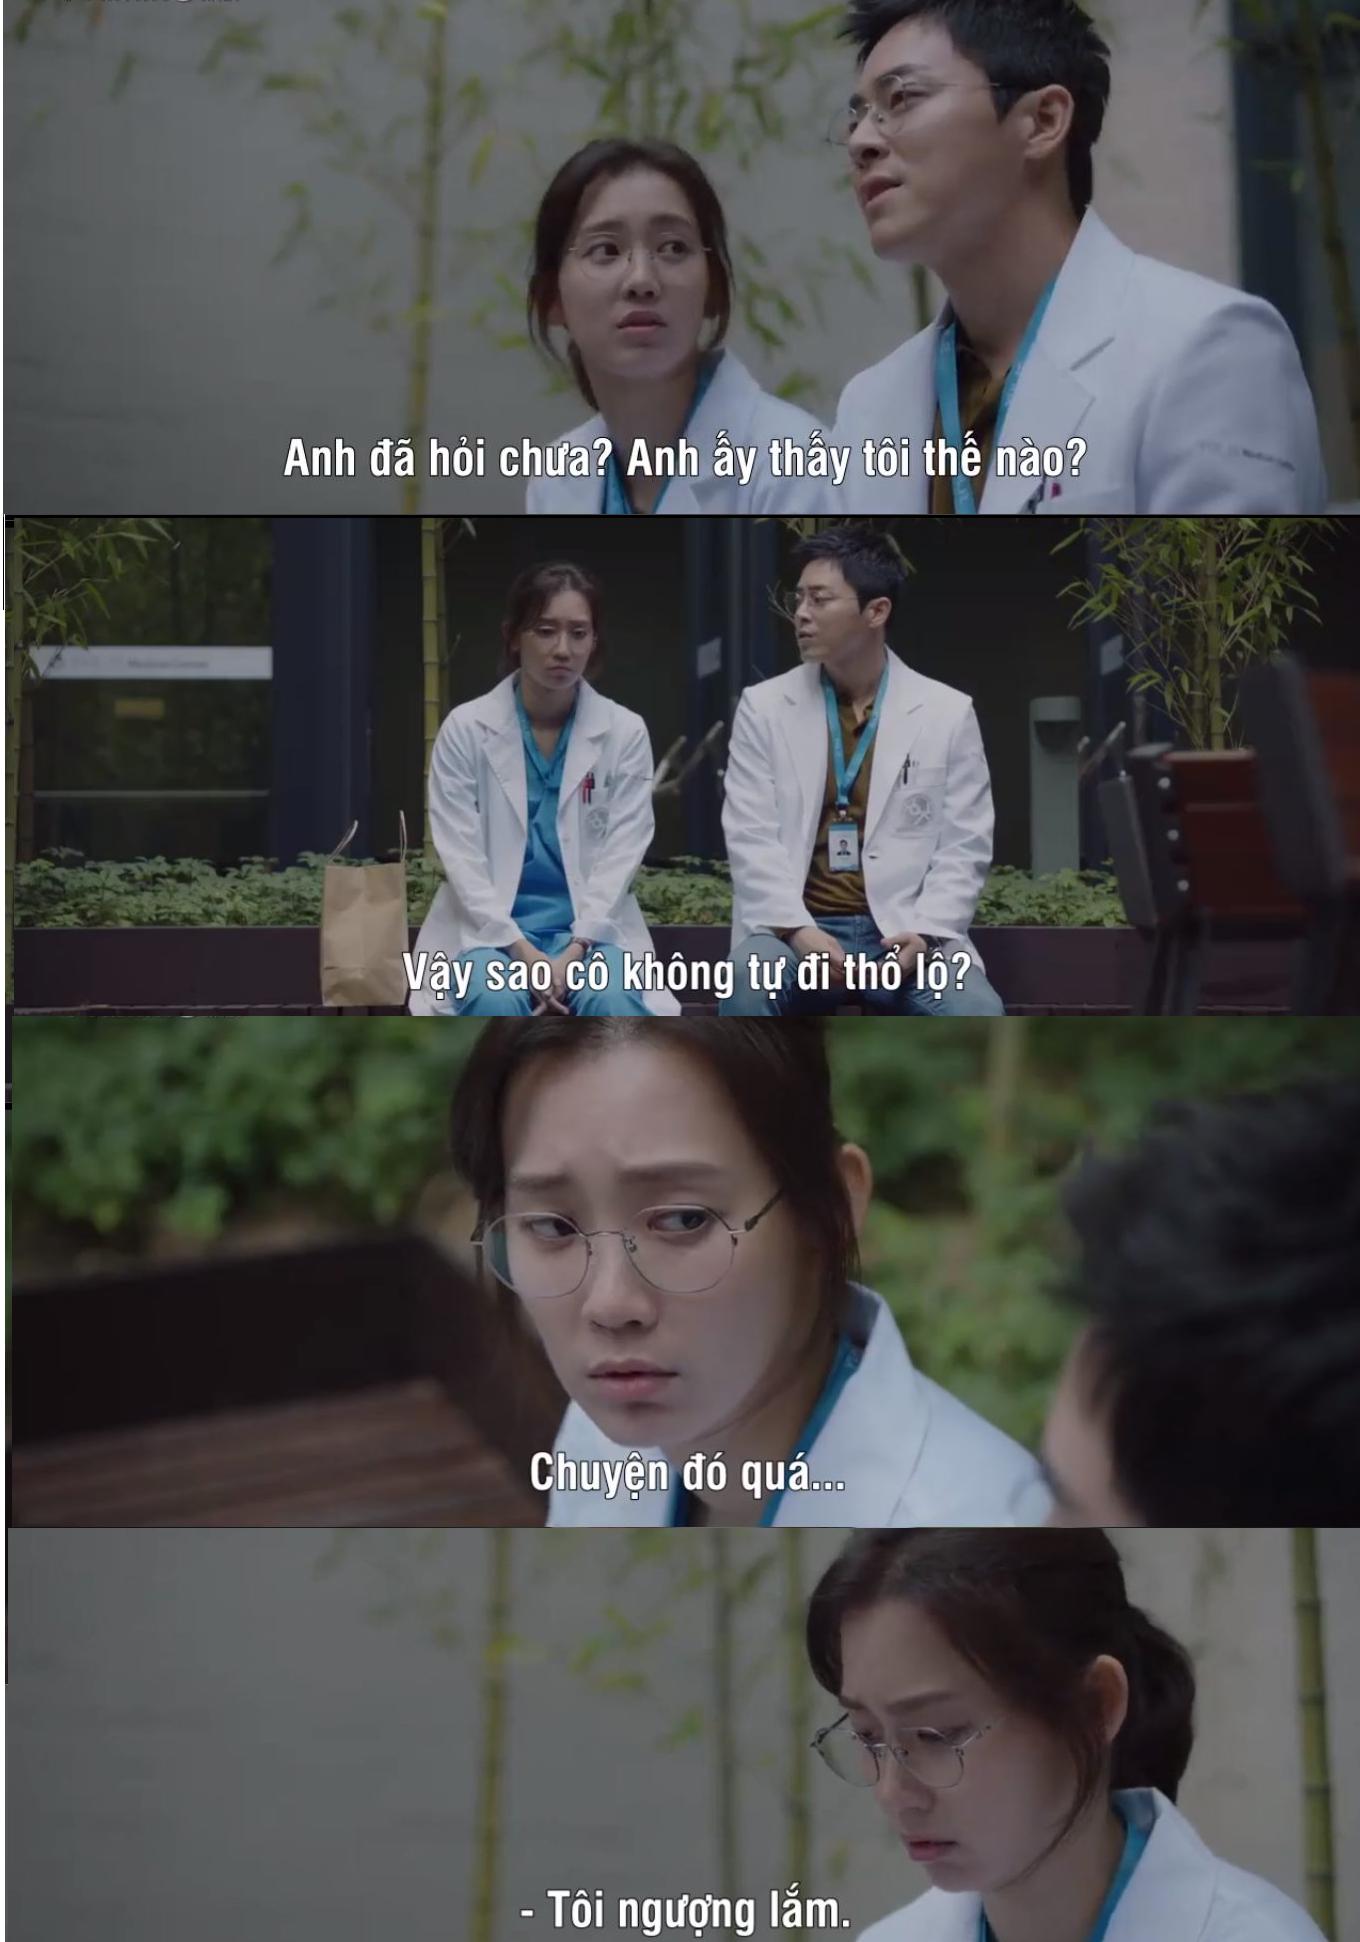 Luôn tò mò tiền bối Ahn nghĩ gì về mình nhưng chỉ có thể thăm dò xung quanh mà không dám ra mặt